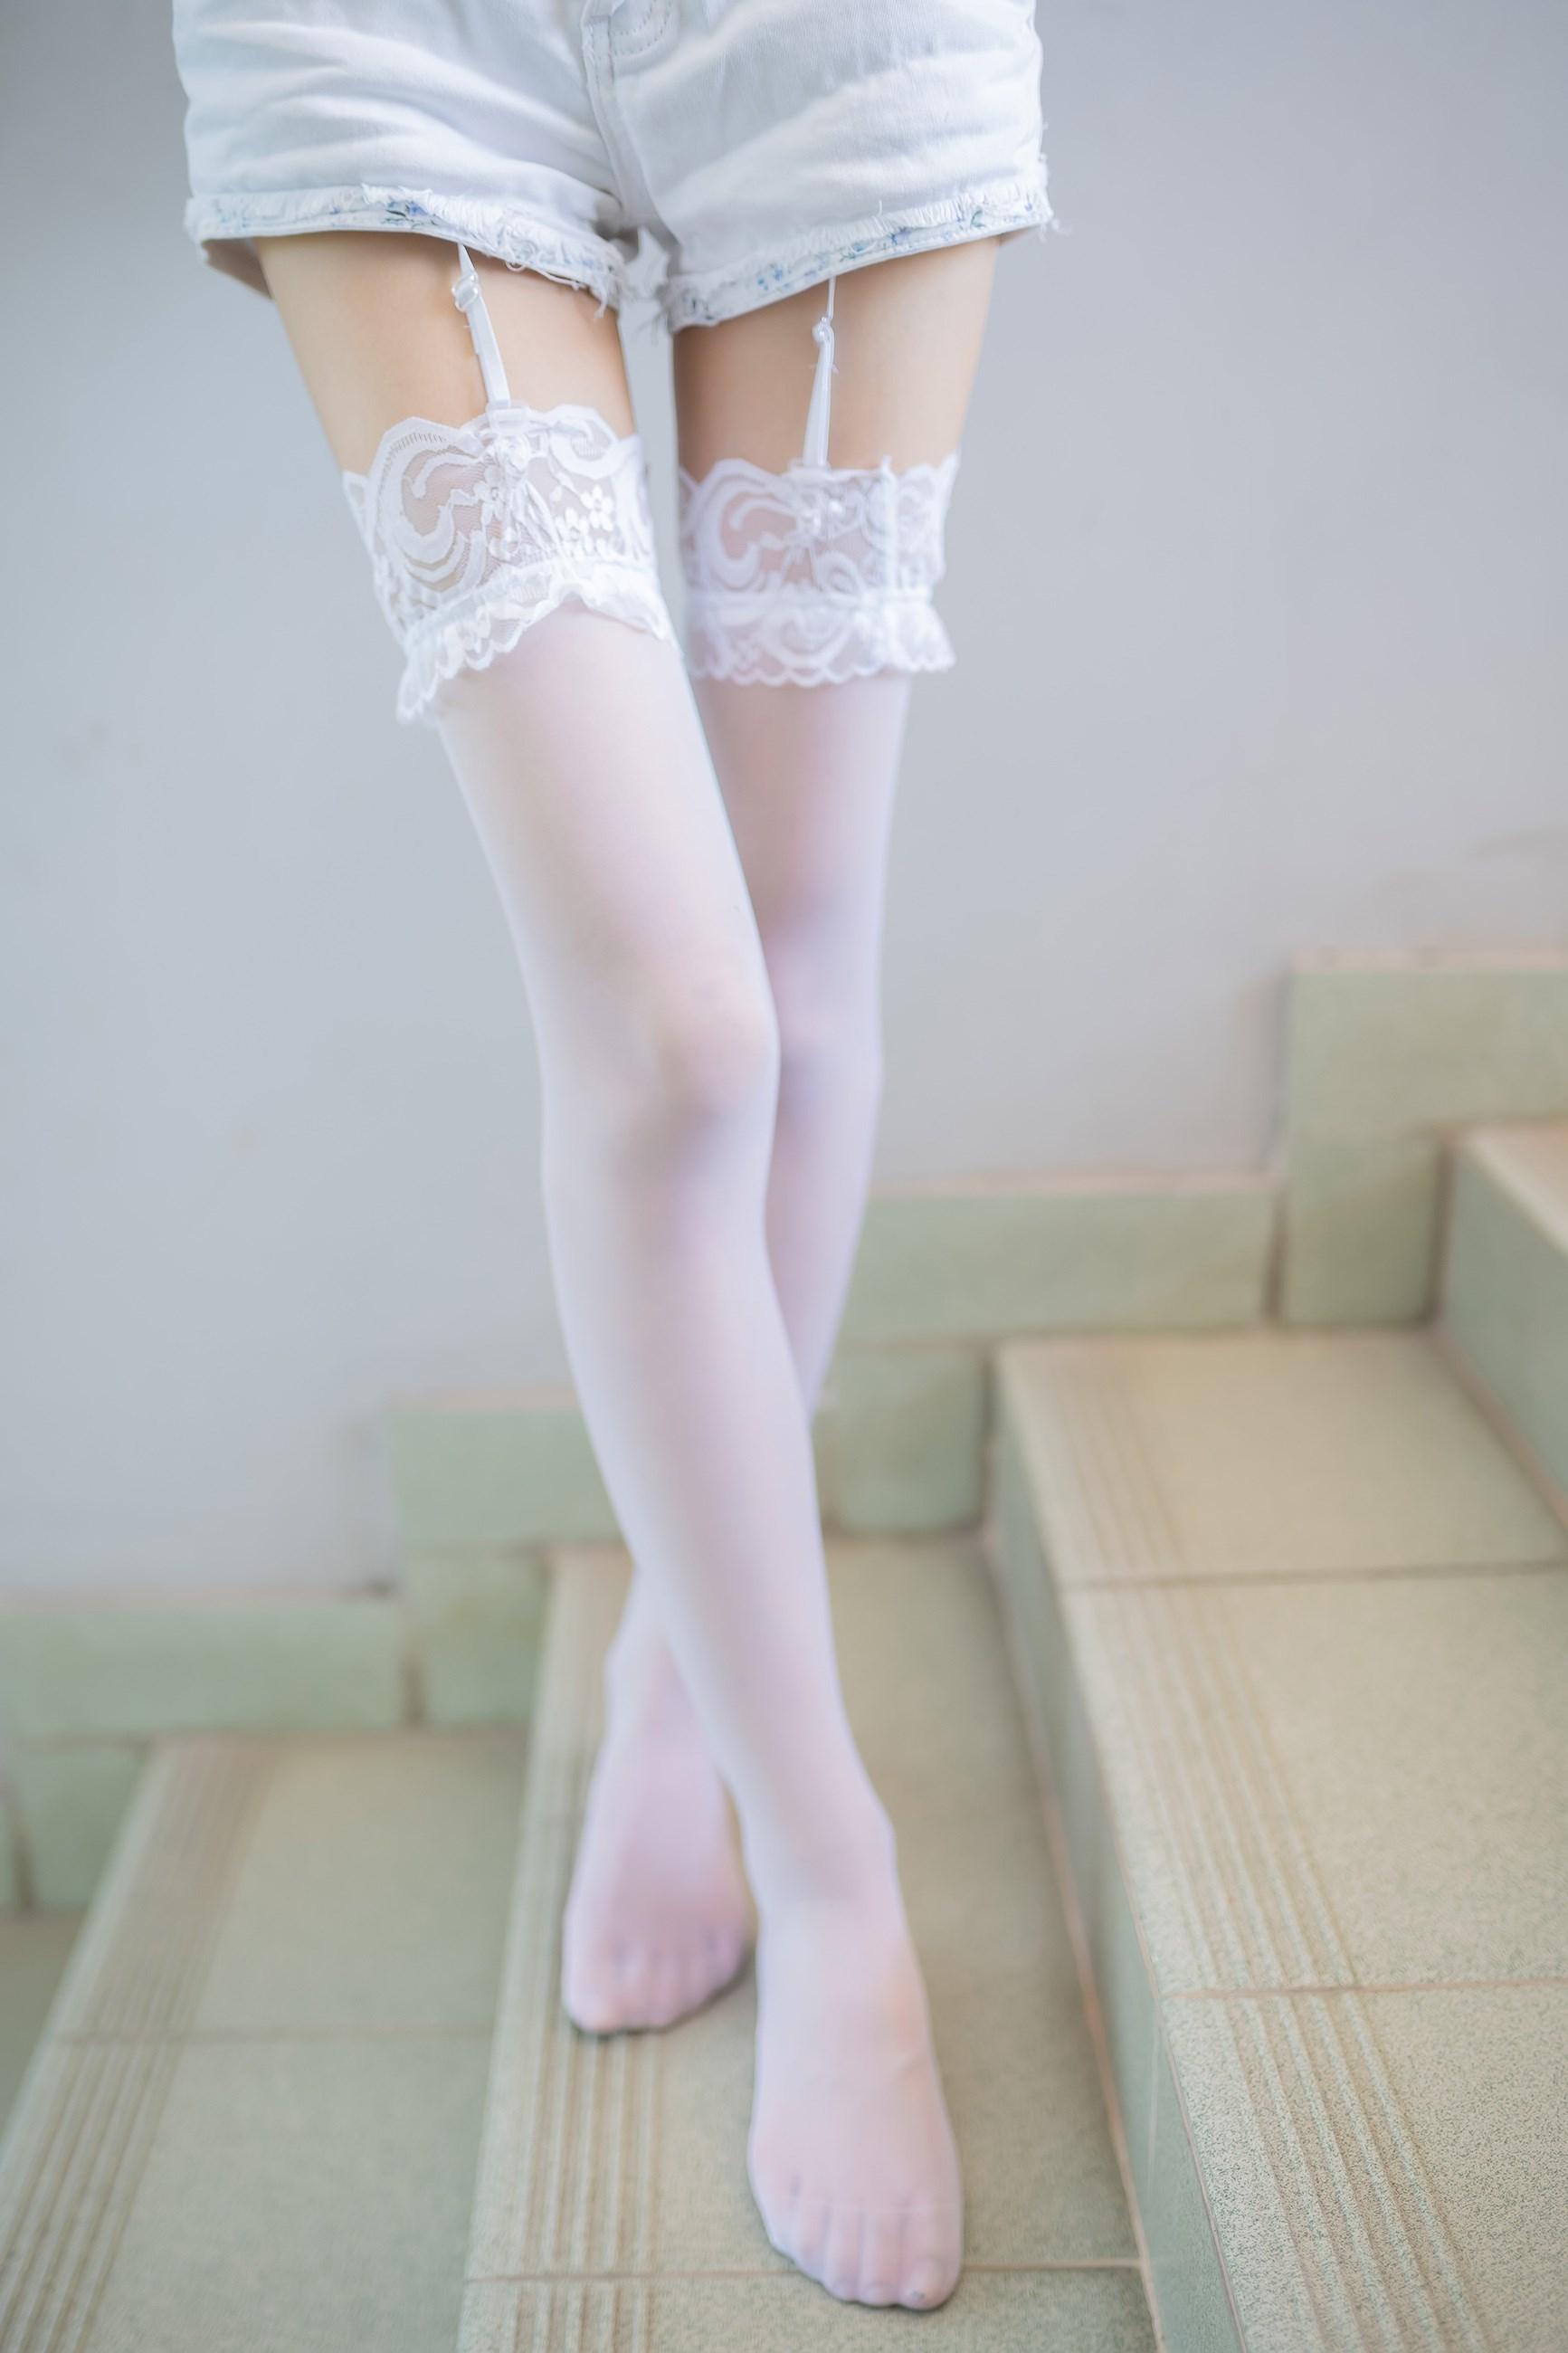 【兔玩映画】白丝吊带袜 兔玩映画 第24张